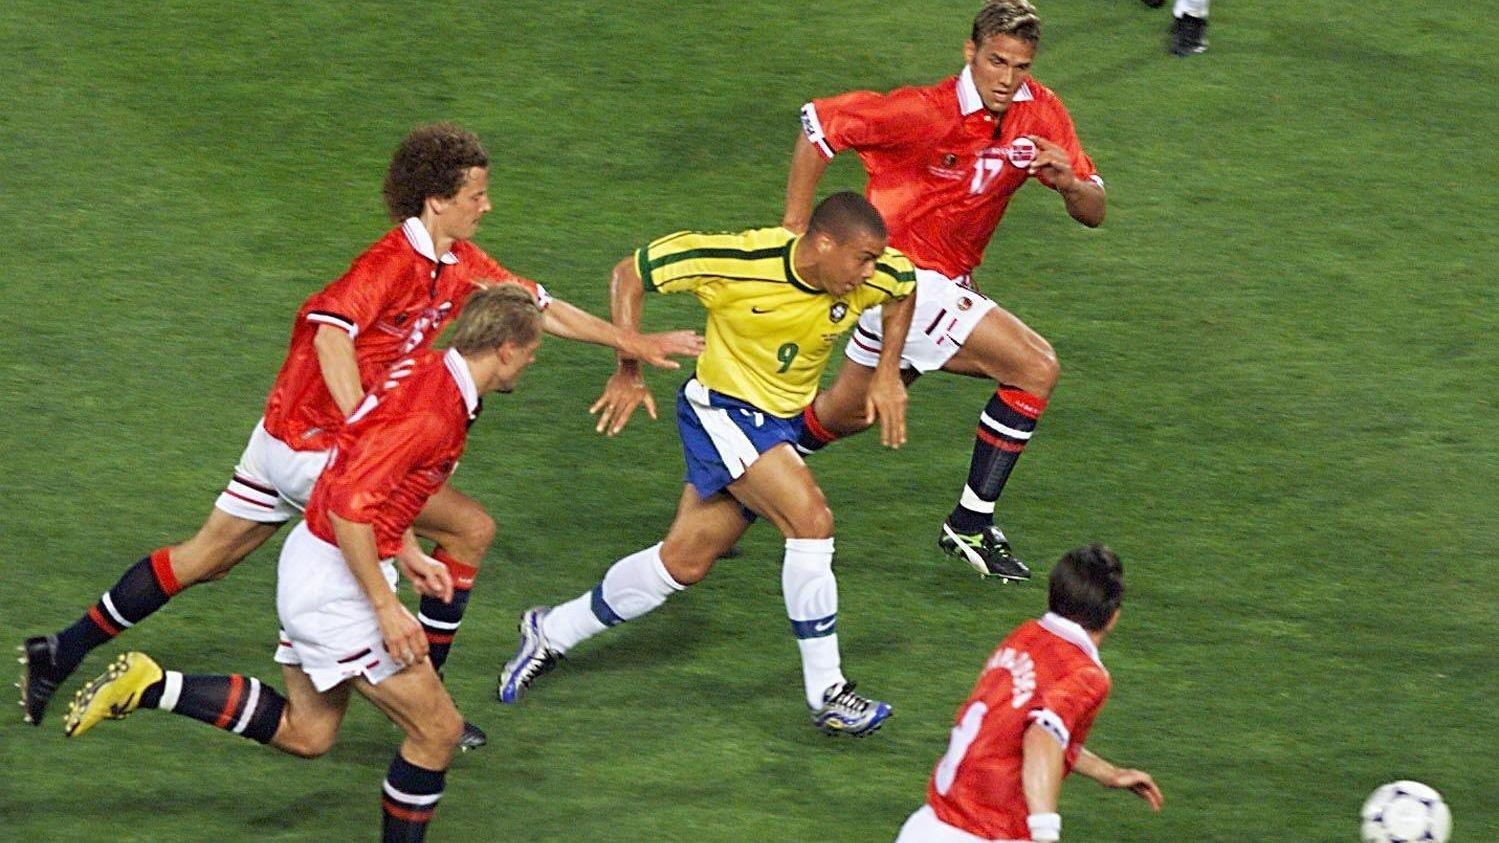 KLARE FOR KAMP: Dan Eggen, Kjetil Rekdal, Håvard Flo og Øyvind Leonhhardsen jager Ronaldo. Samtlige på bildet er med i omkampen på Ullevaal neste sommer.